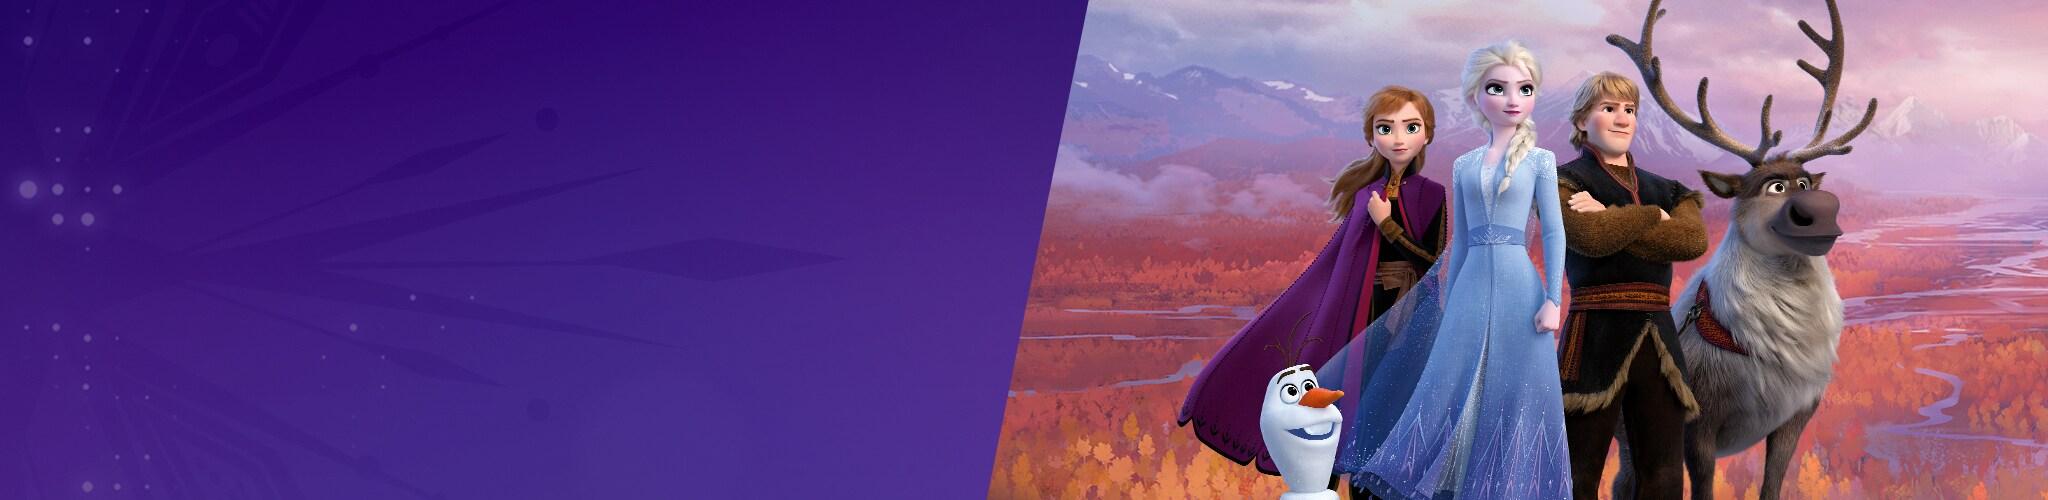 Hero - Frozen Fan Fest - YT Princess Channel Banner